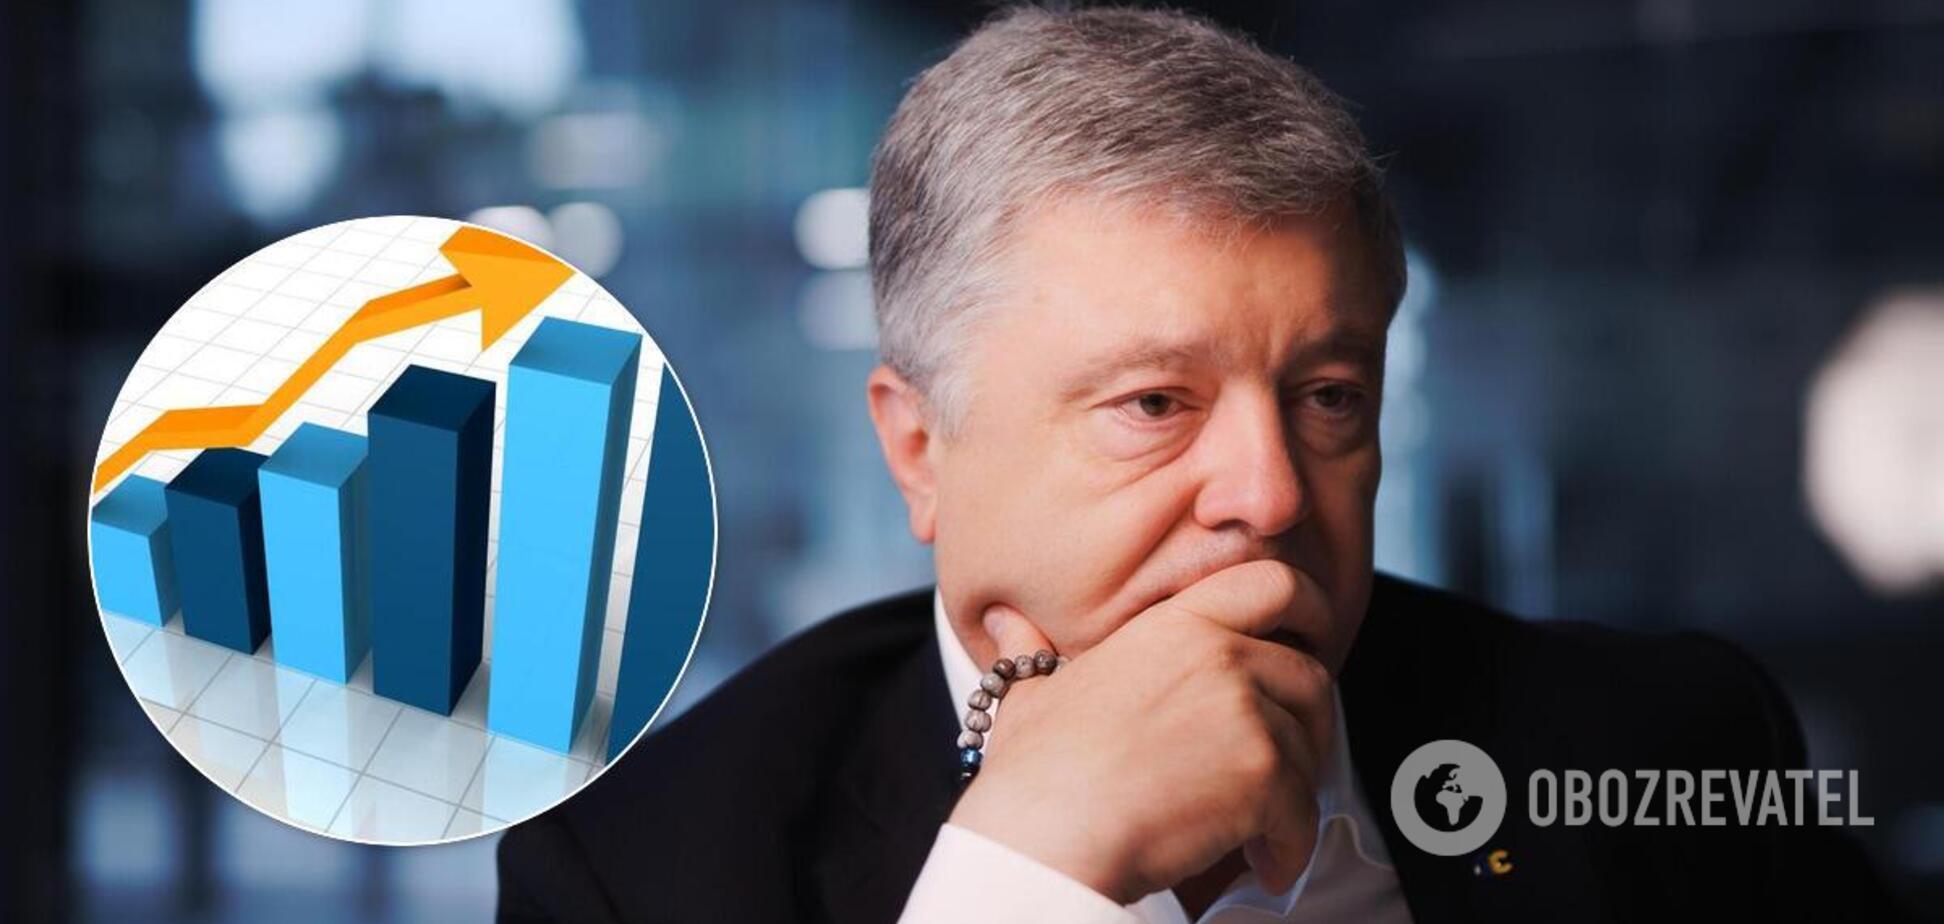 Рейтинг партии Порошенко вырос на Львовщине